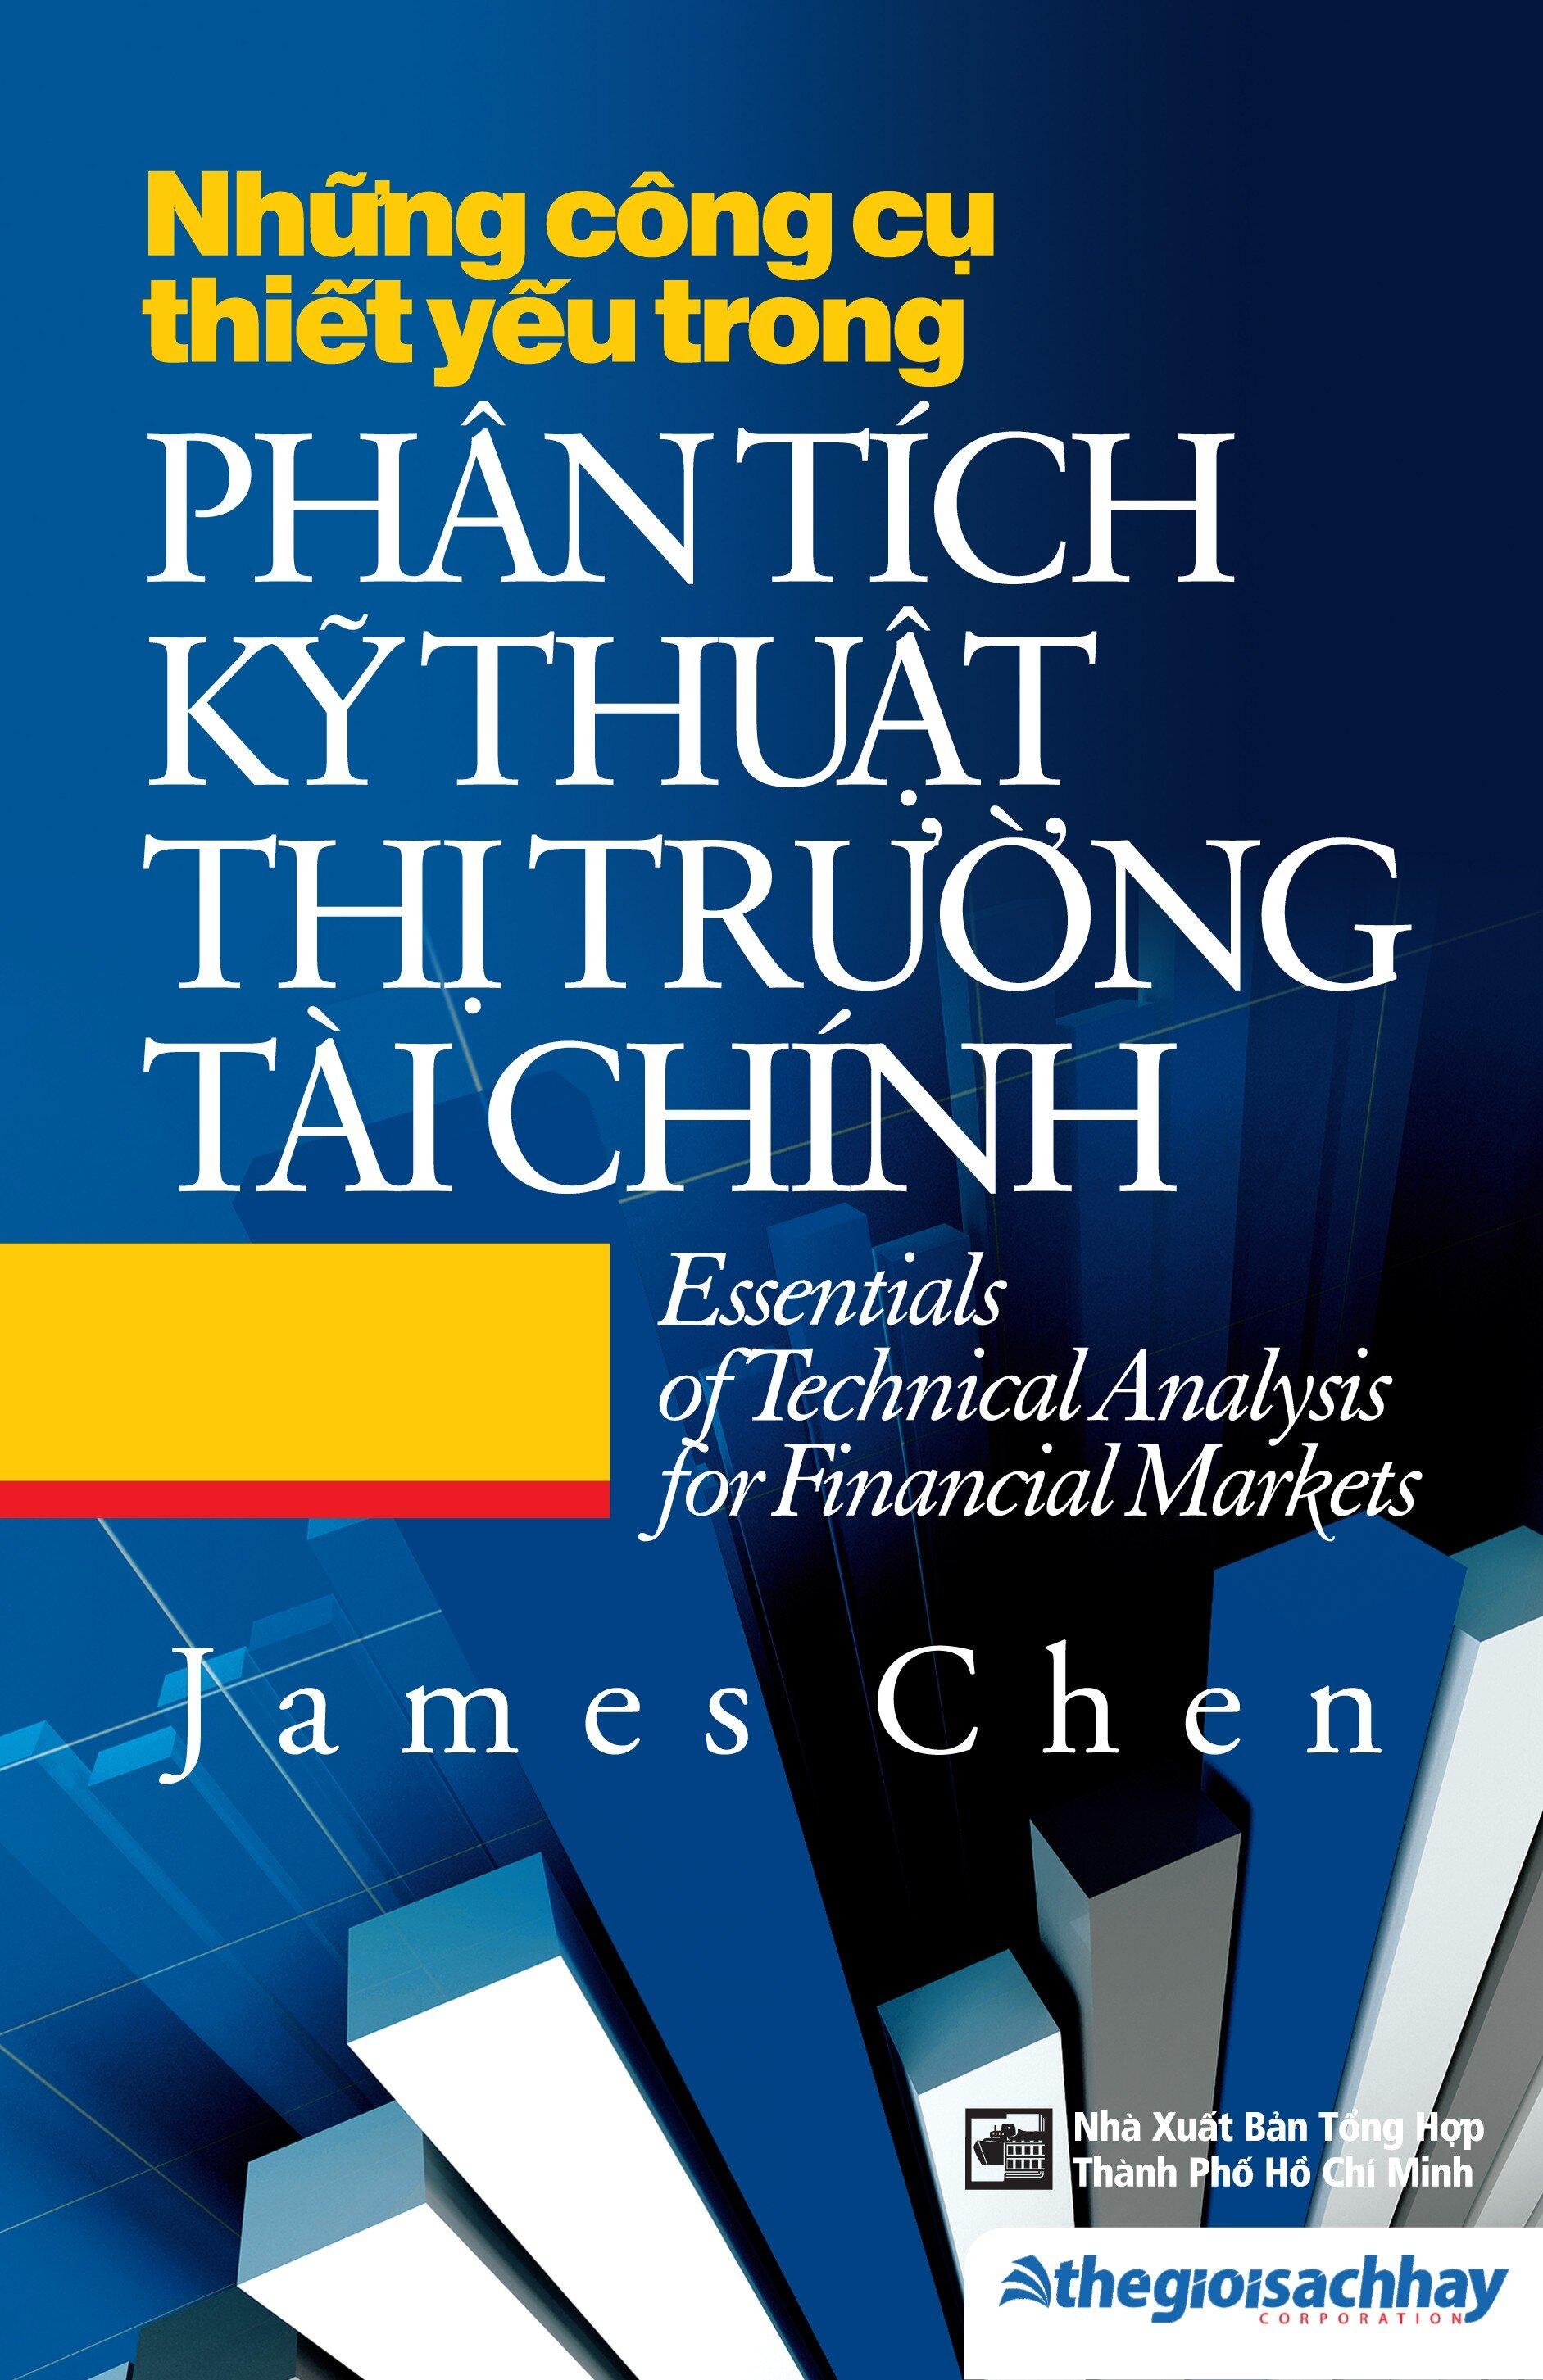 Những công cụ thiết yếu trong phân tích kỹ thuật thị trường tài chính - James Chen